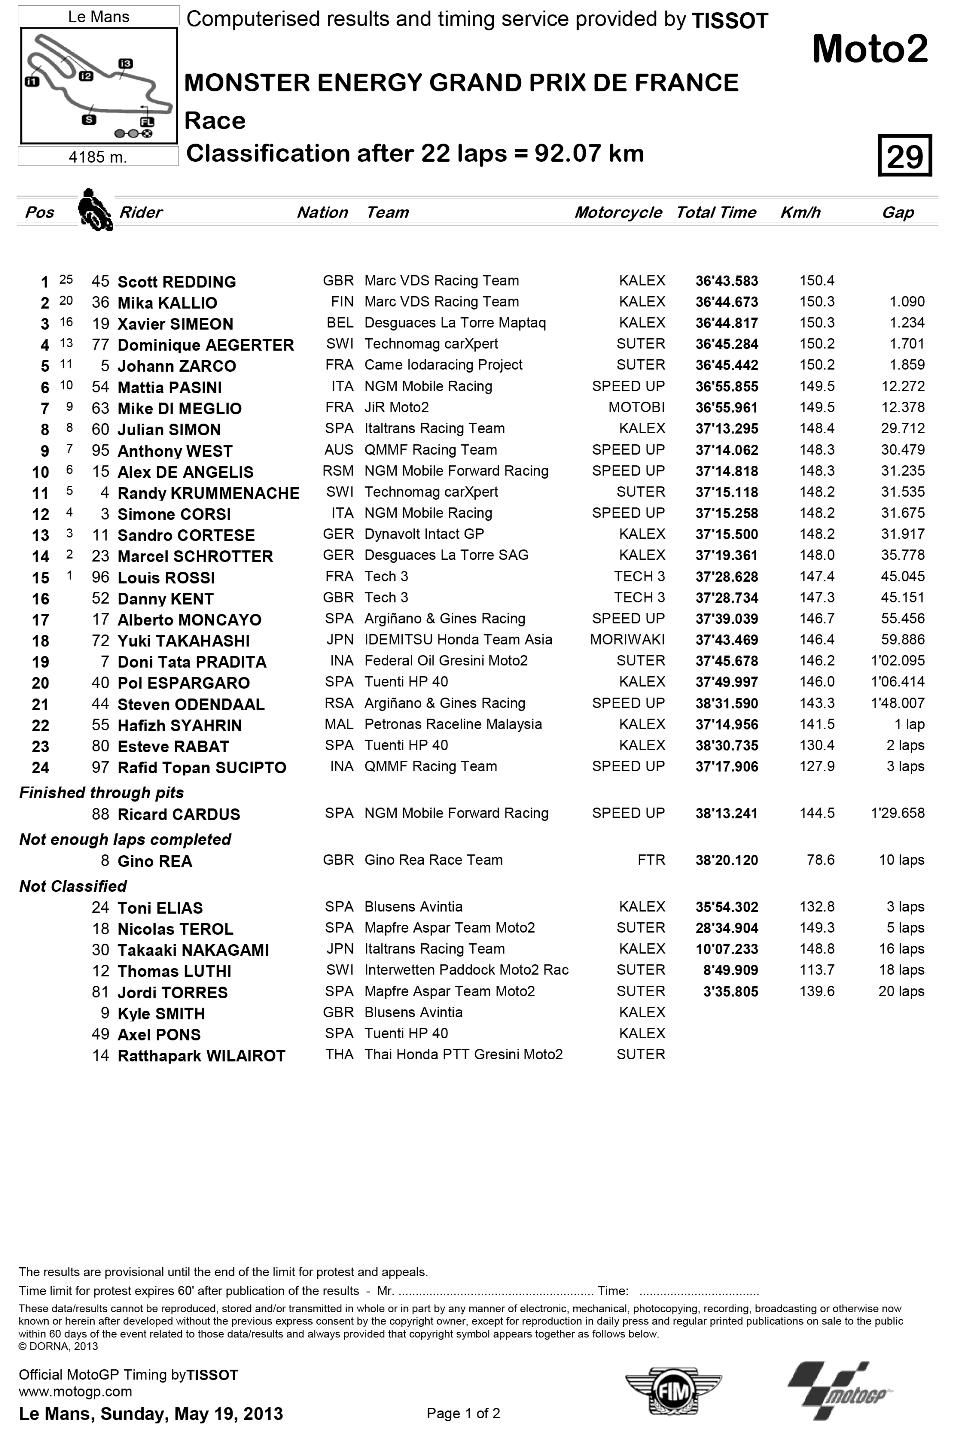 Представляем результаты гонки Moto2 Гран-При Франции 2013: